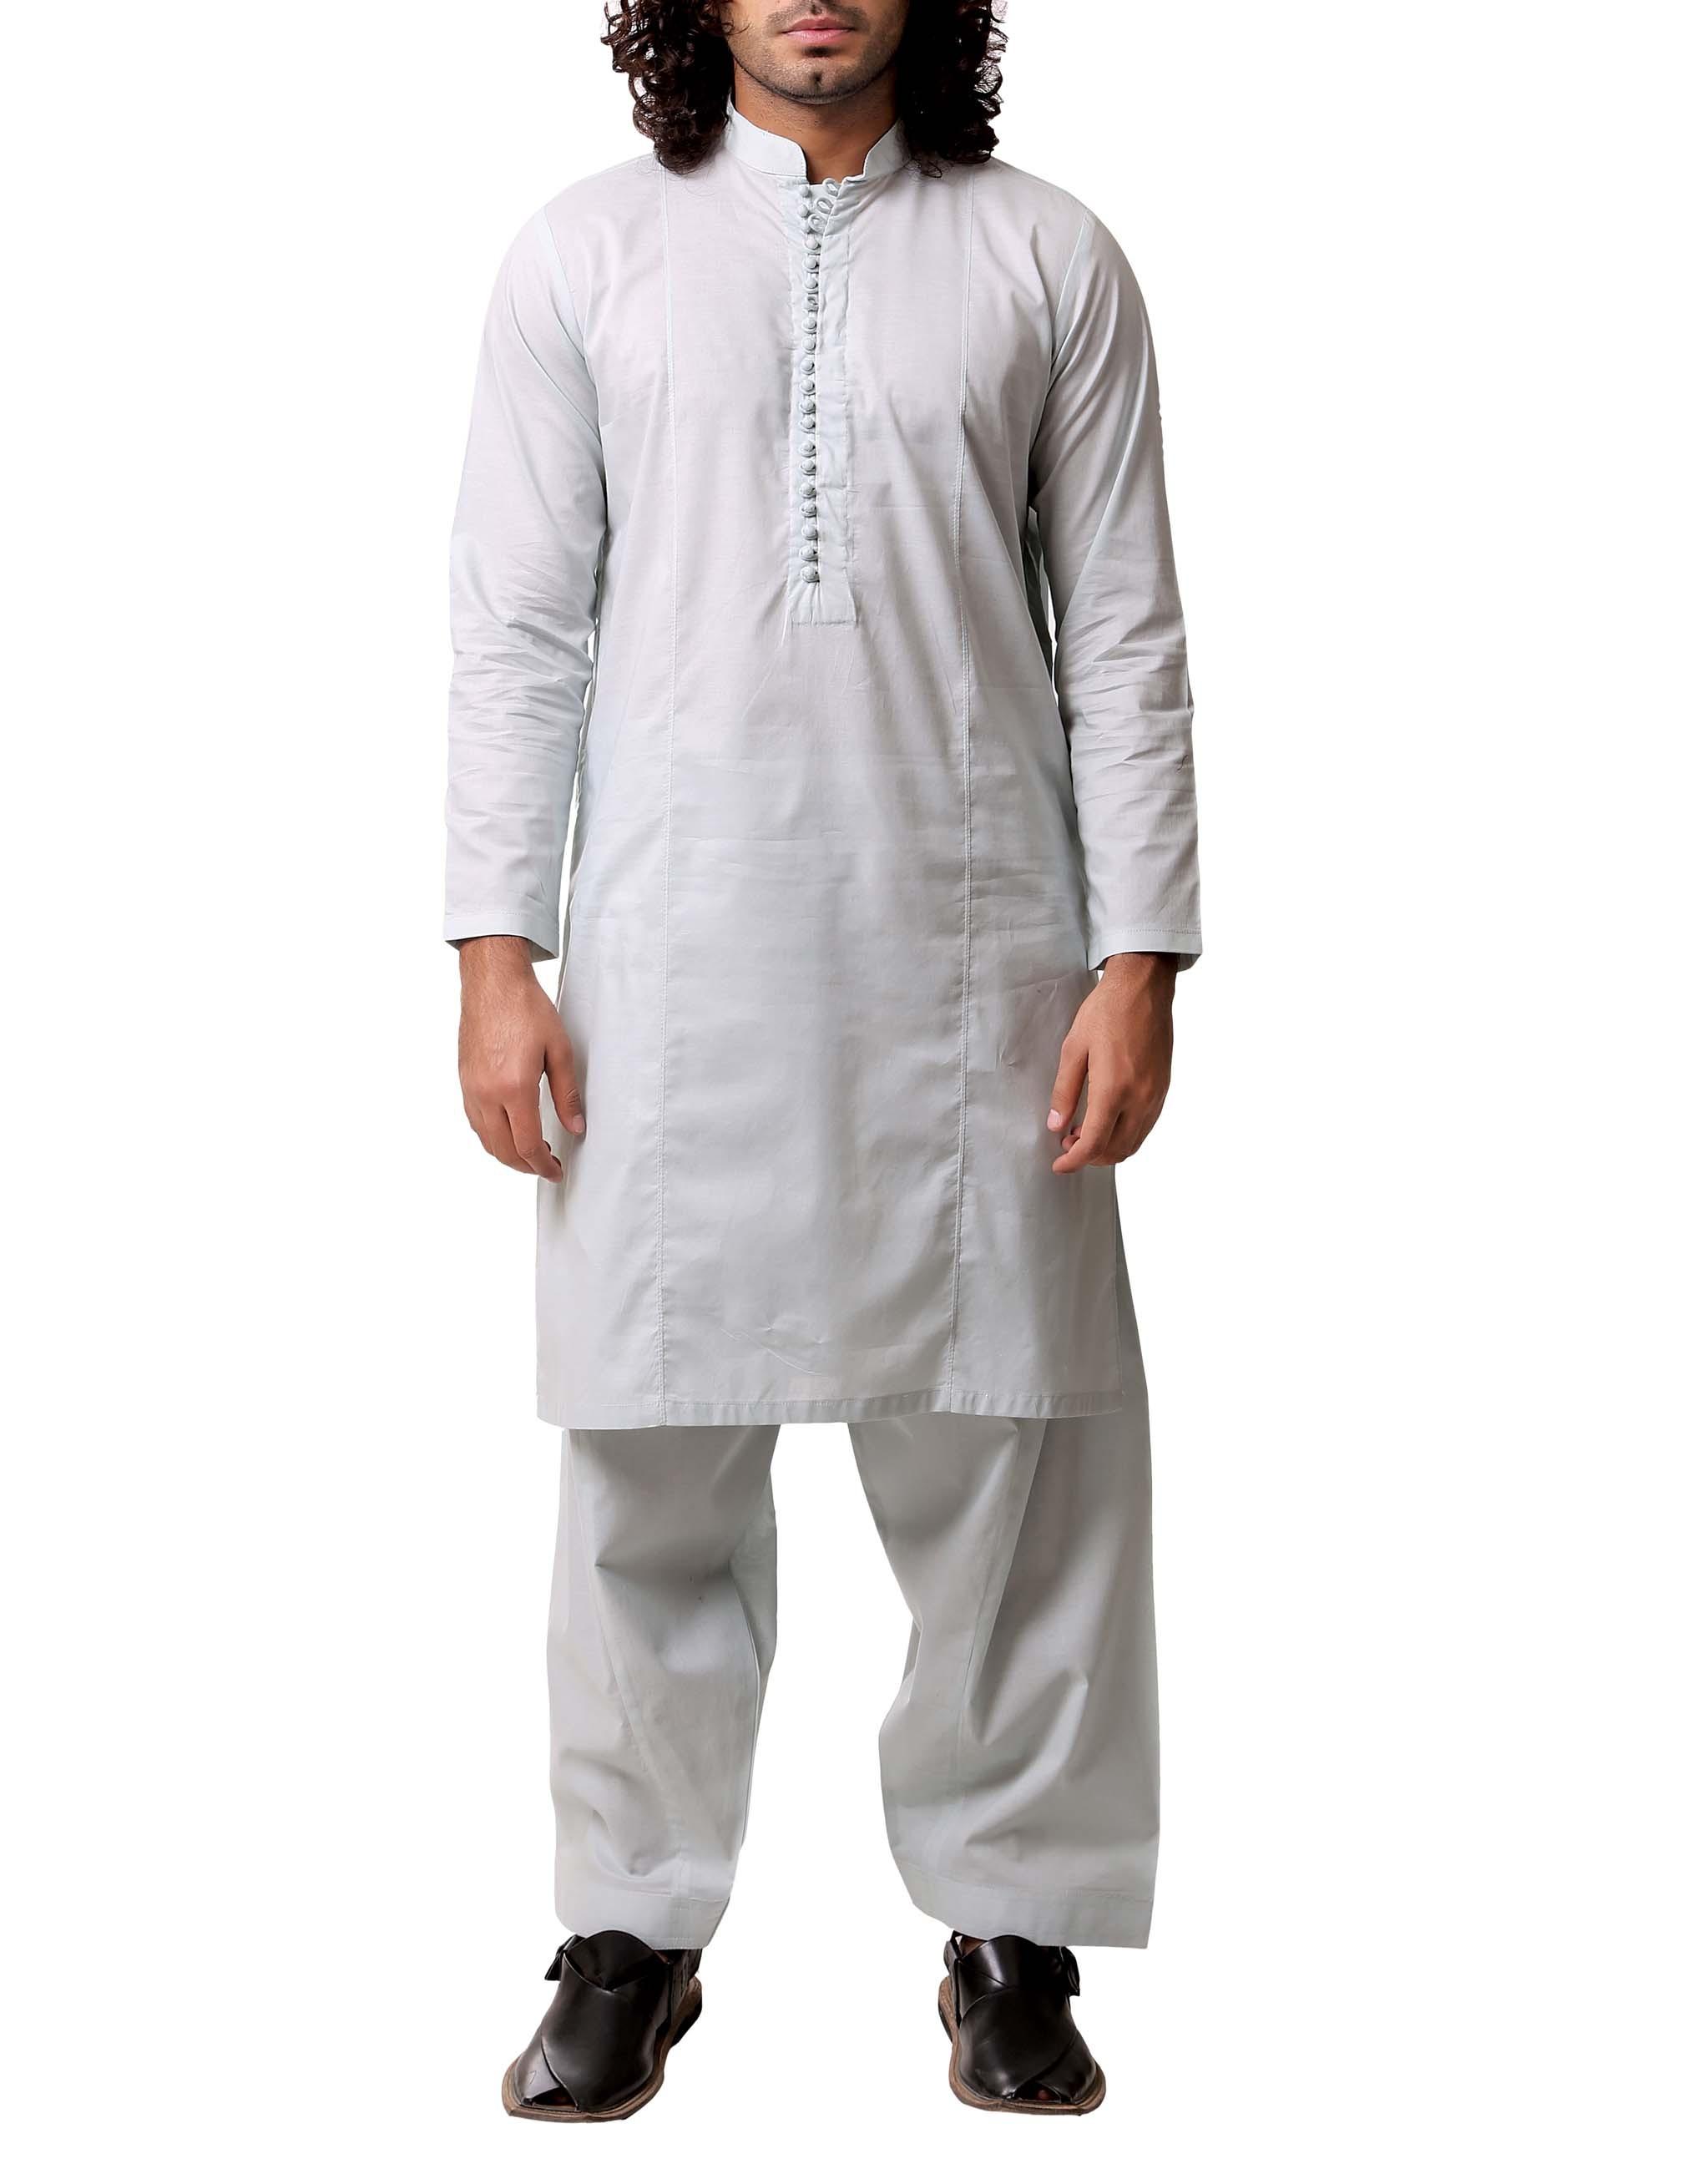 men's shalwar kameez for eid